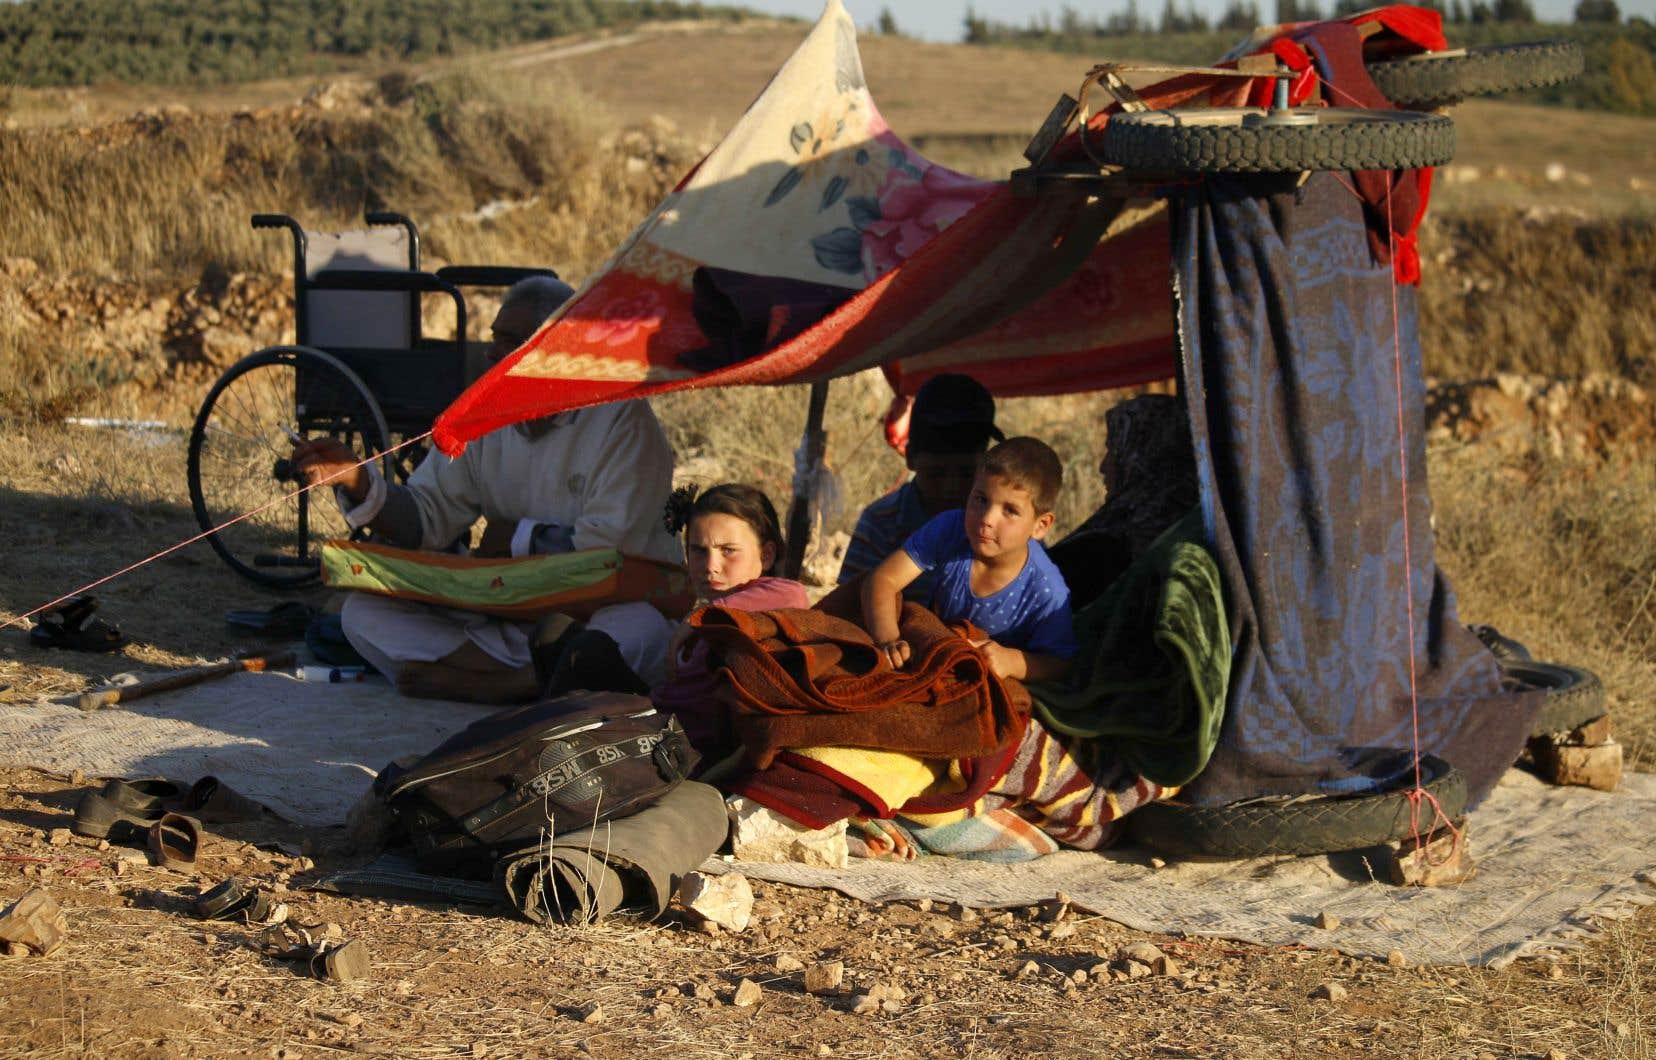 Des Syriens fuyant la province de Deraa attendent dans un camp de fortune aux abords de la frontière jordanienne.